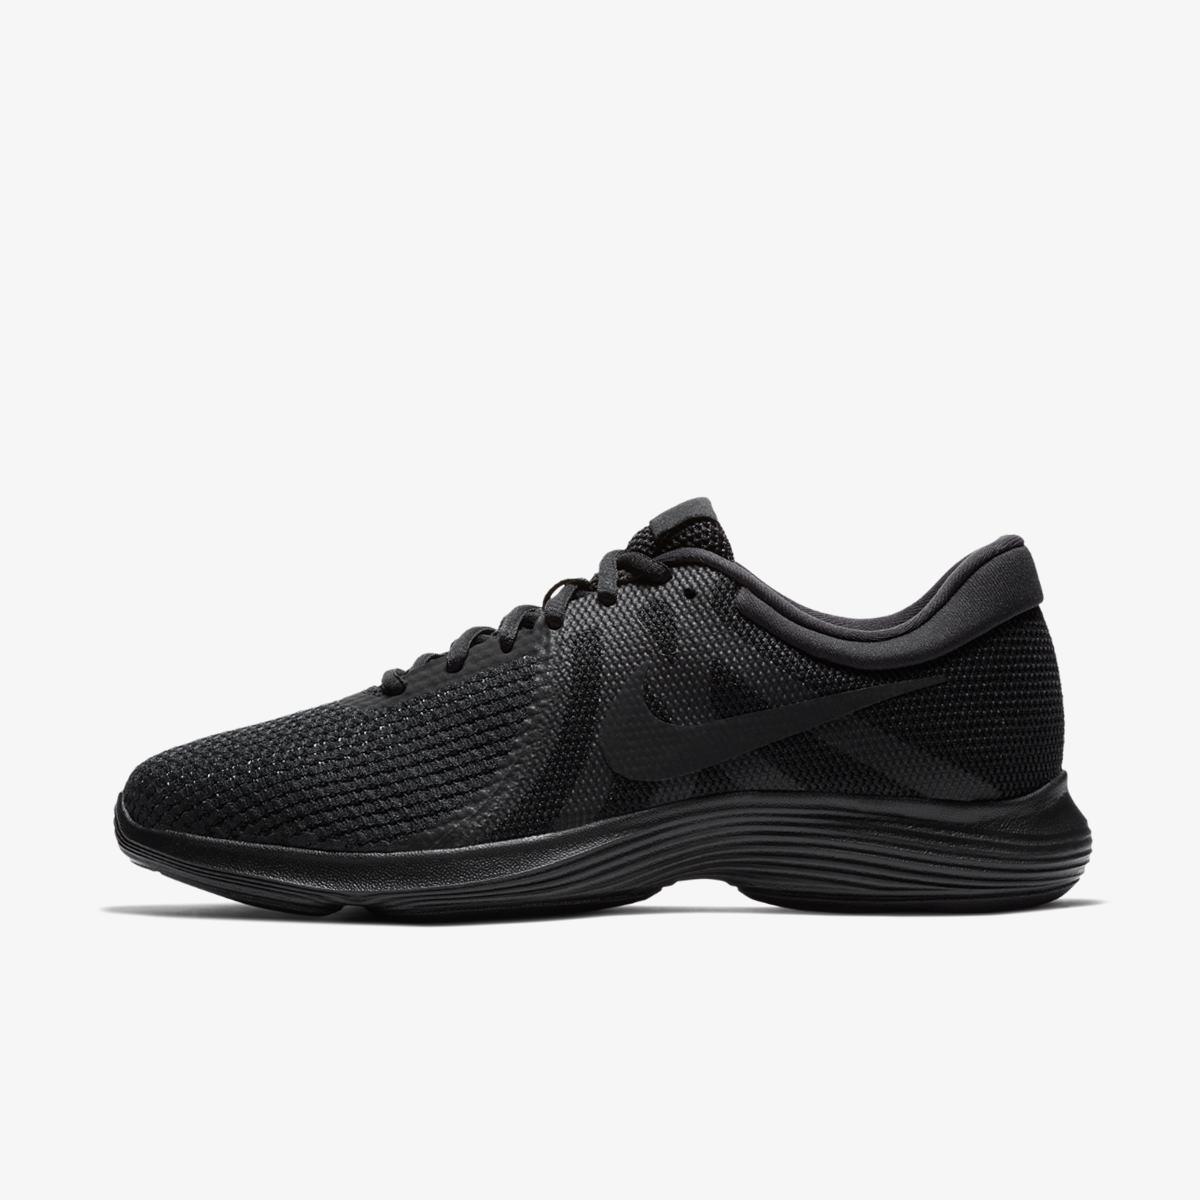 Кроссовки Nike Revolution 4 (AJ3490-002) оригинал